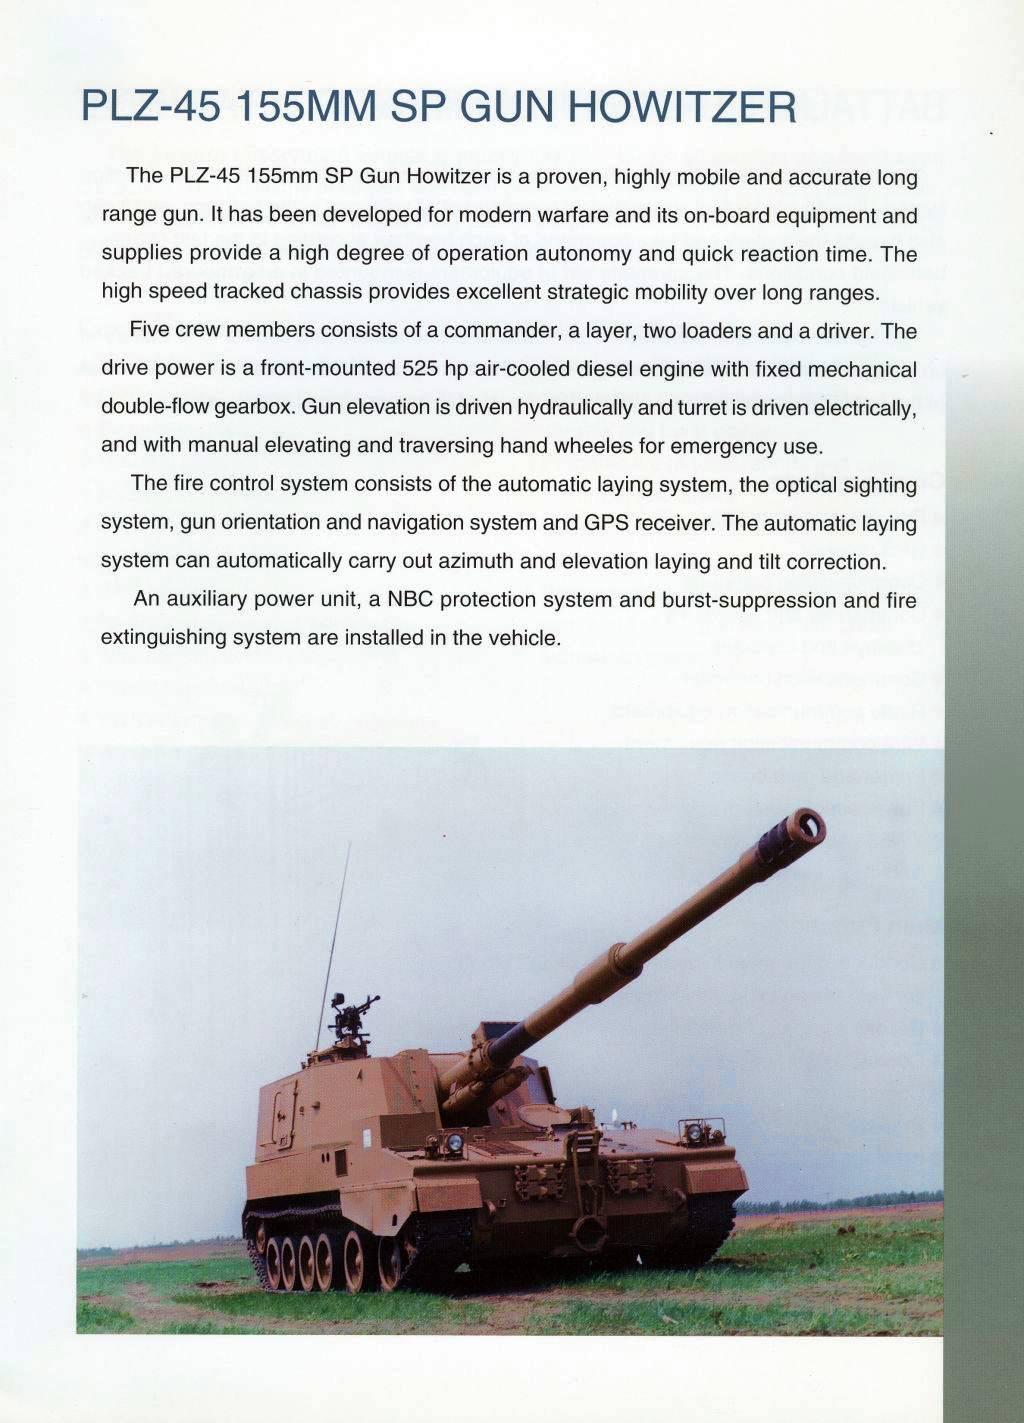 systèmes d'artilleries autotractés et autopropulsés - Page 4 Plz_45_03